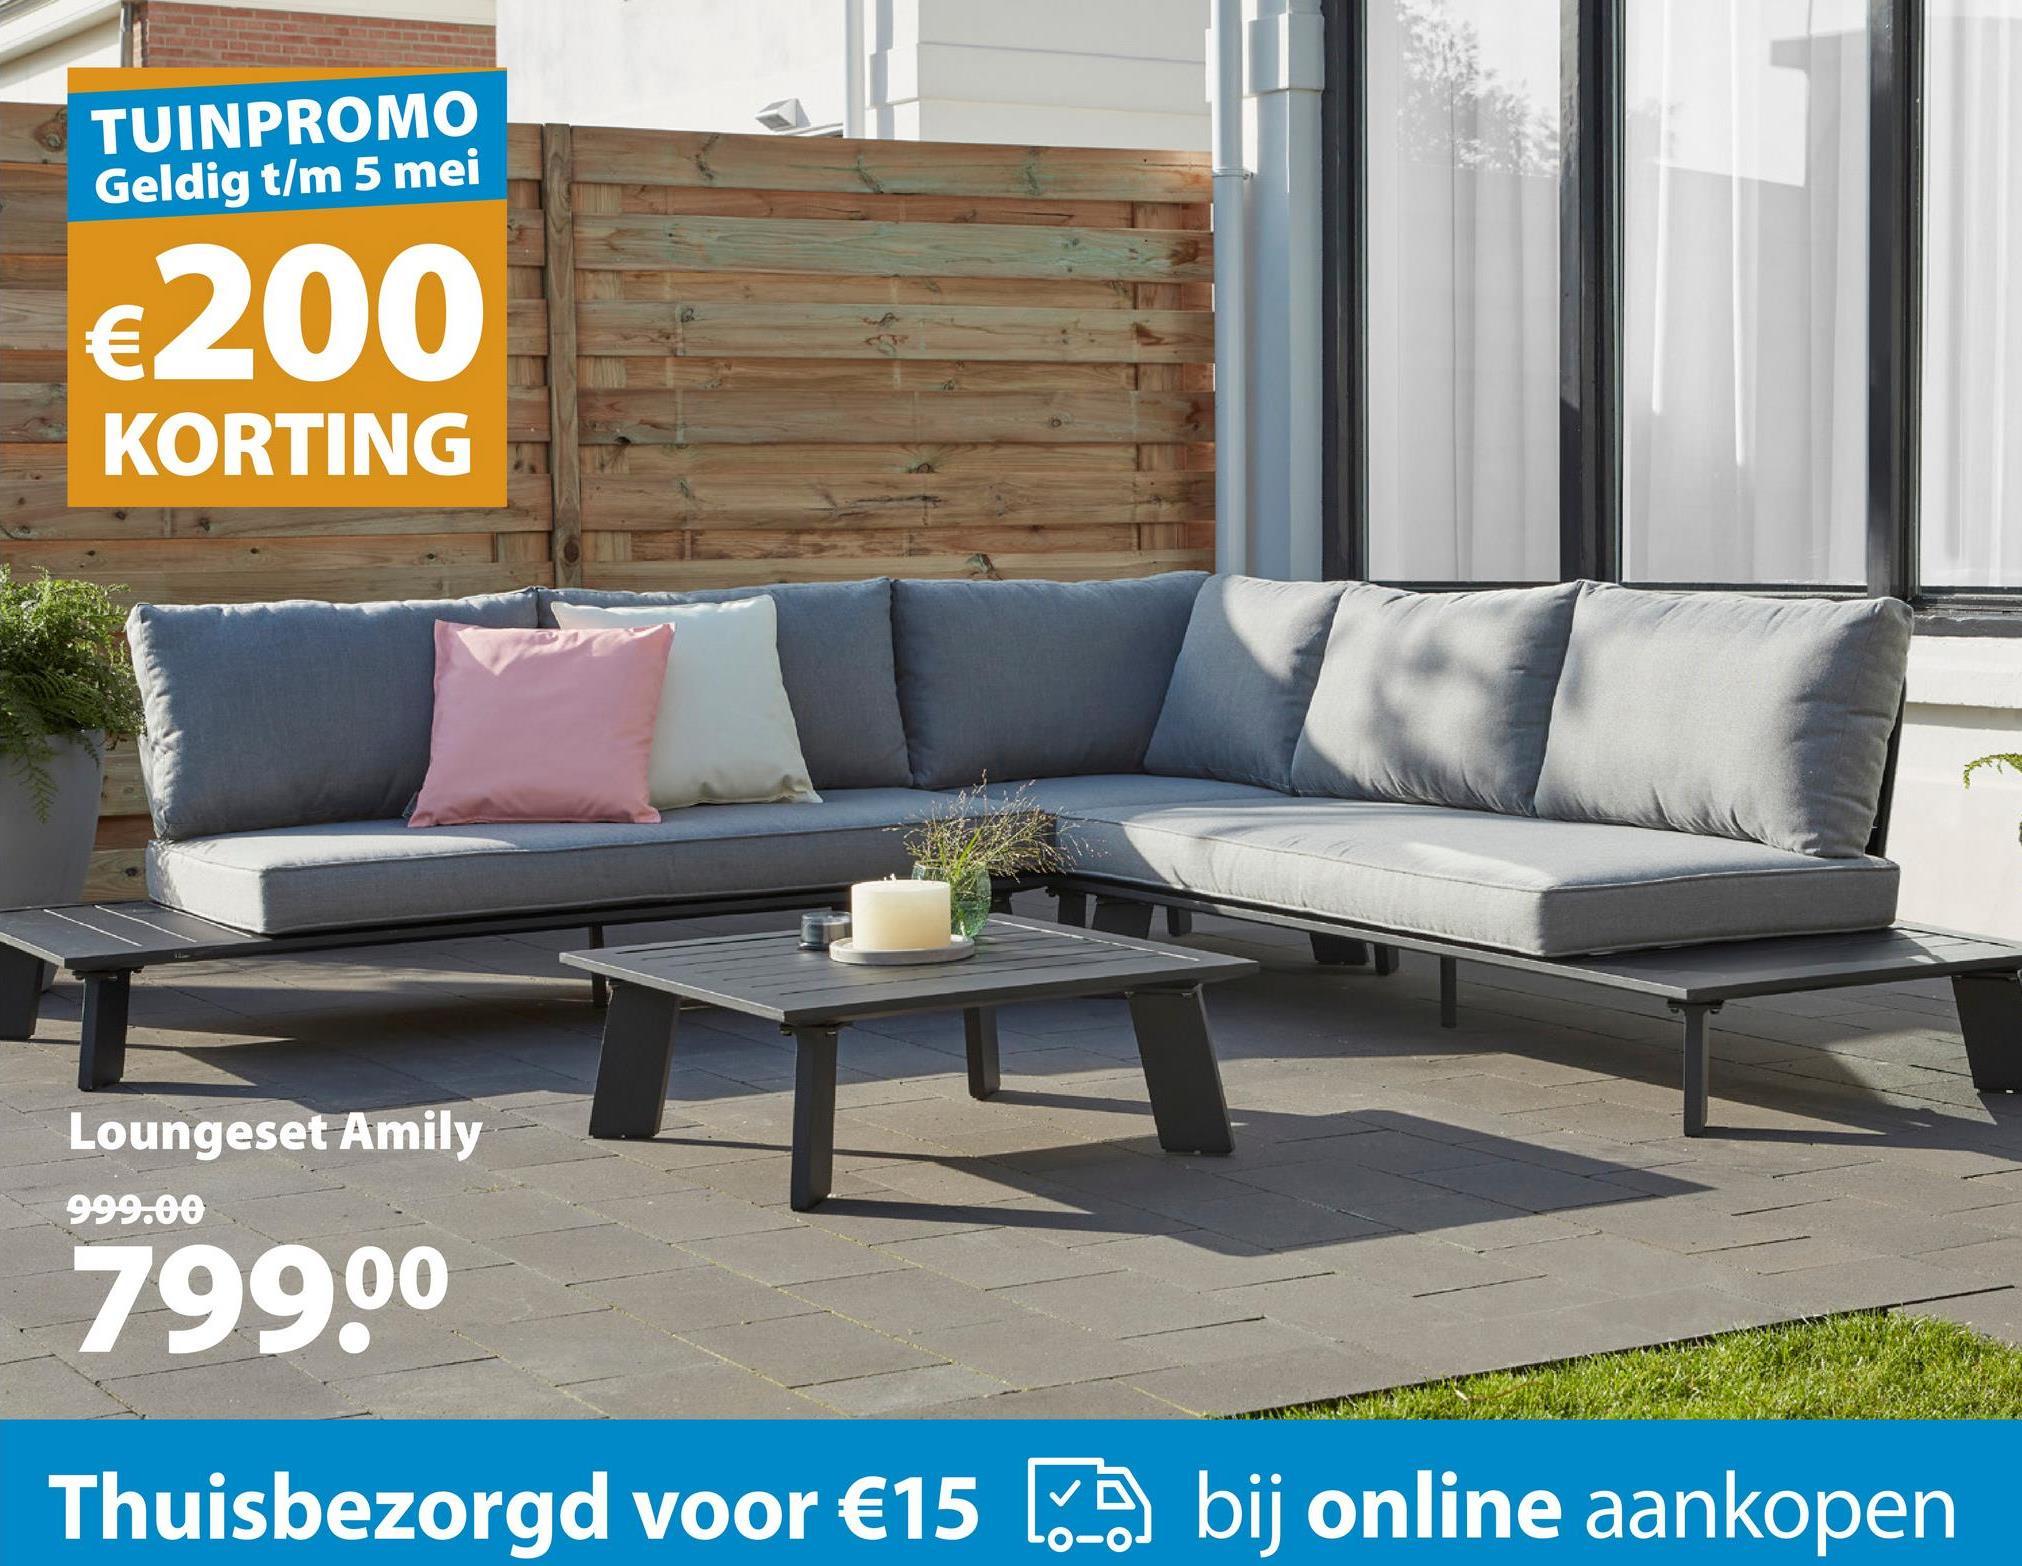 TUINPROMO Geldig t/m 5 mei €200 KORTING Loungeset Amily 999.00 79900 Thuisbezorgd voor €15 ( bij online aankopen